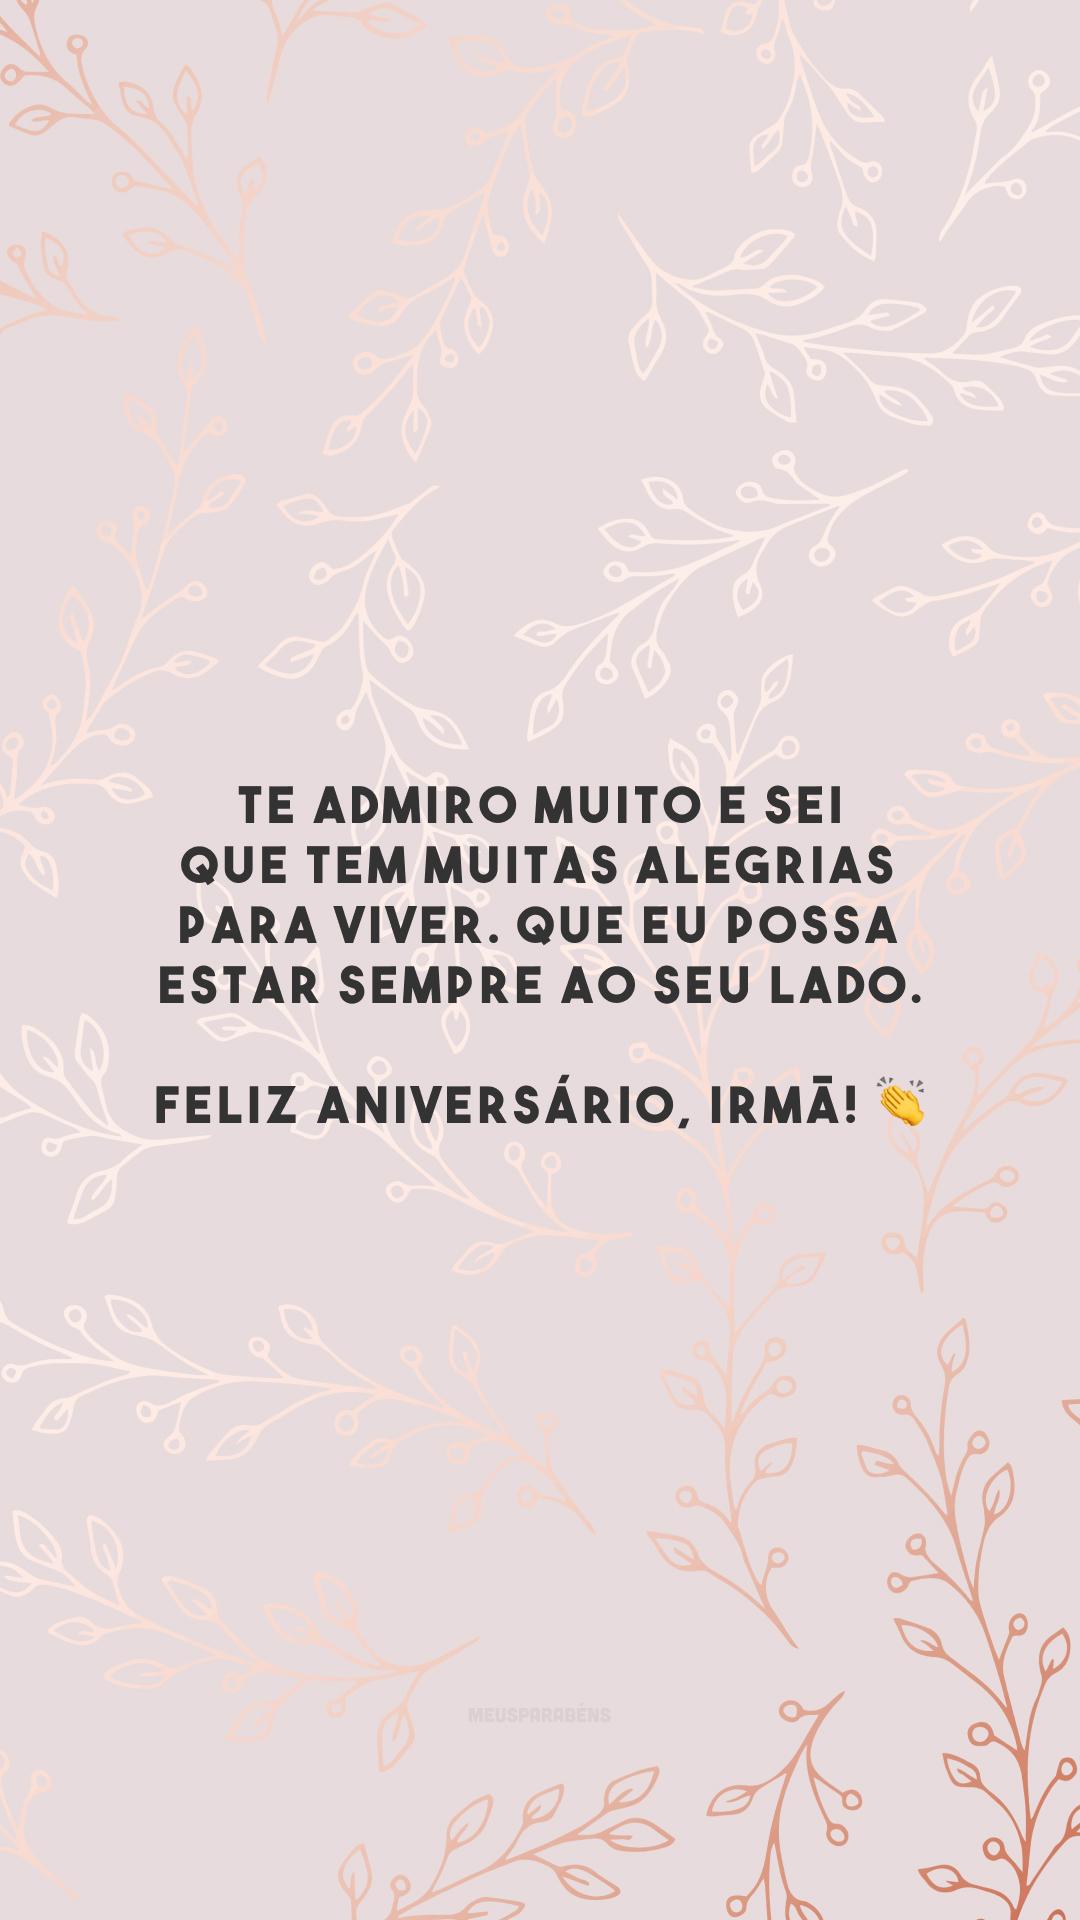 Te admiro muito e sei que tem muitas alegrias para viver. Que eu possa estar sempre ao seu lado. Feliz aniversário, irmã! 👏